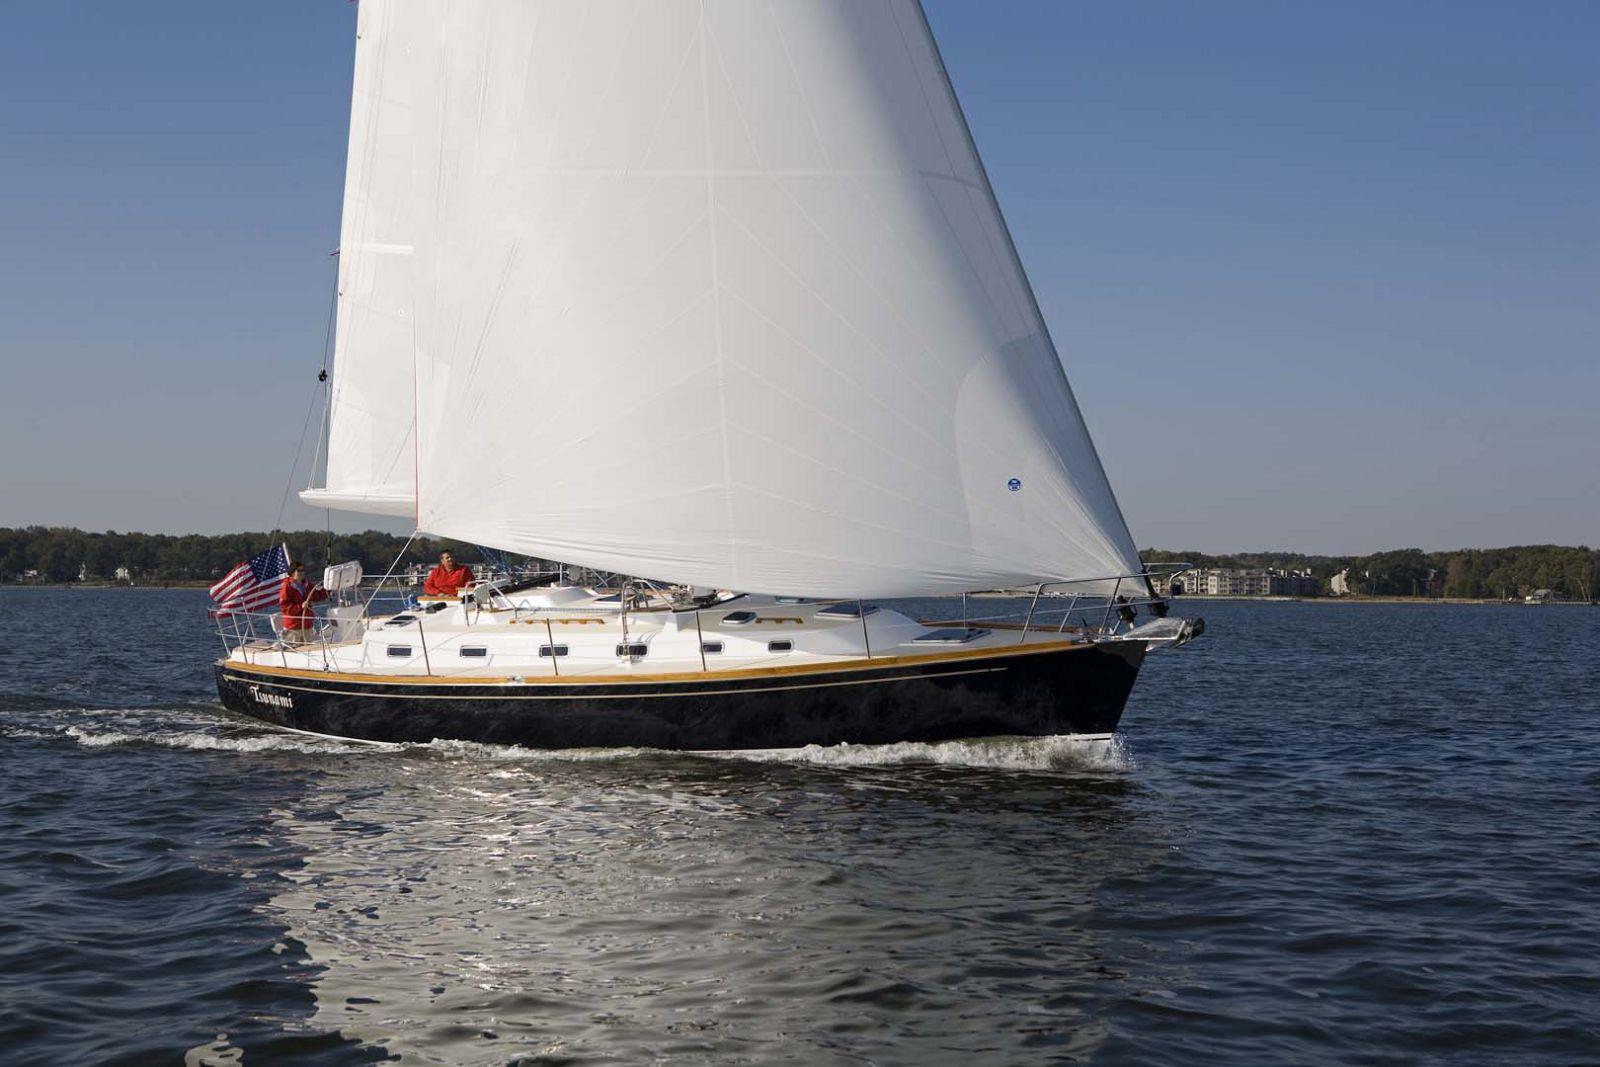 Tartan-Yachts-4300-Sailboat-running-2